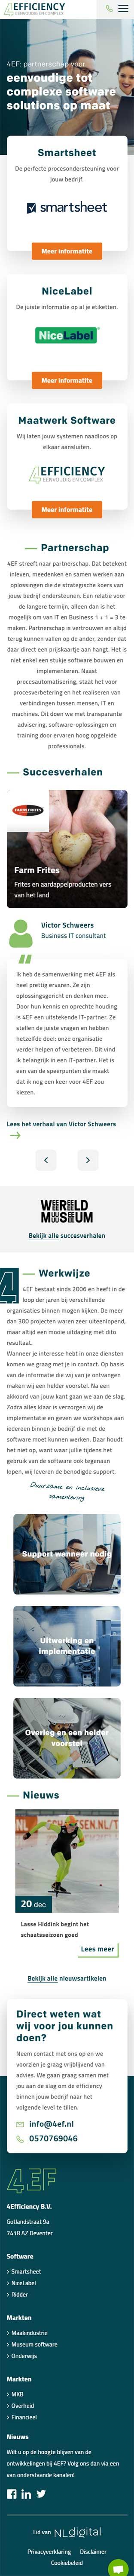 4Efficiency website voorbeeld op mobiele apparaten